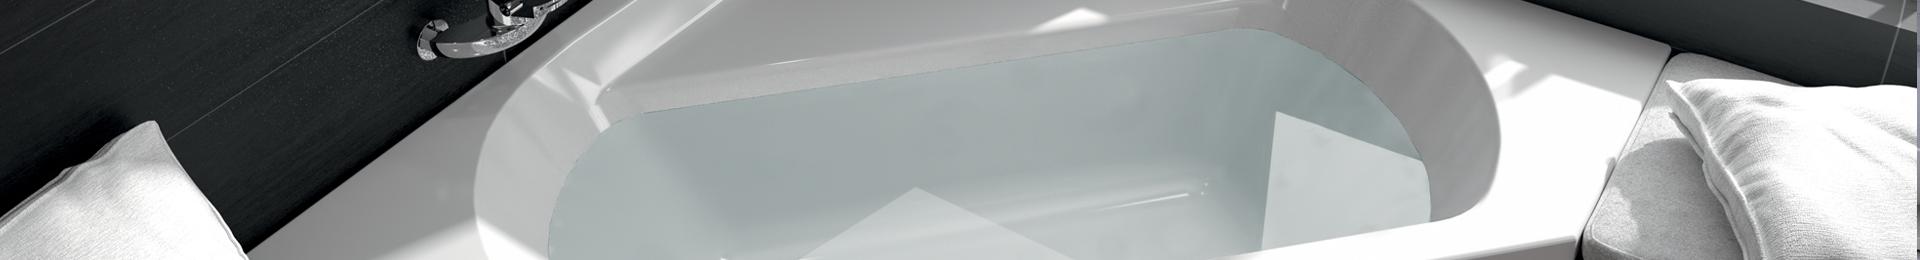 Baignoire design